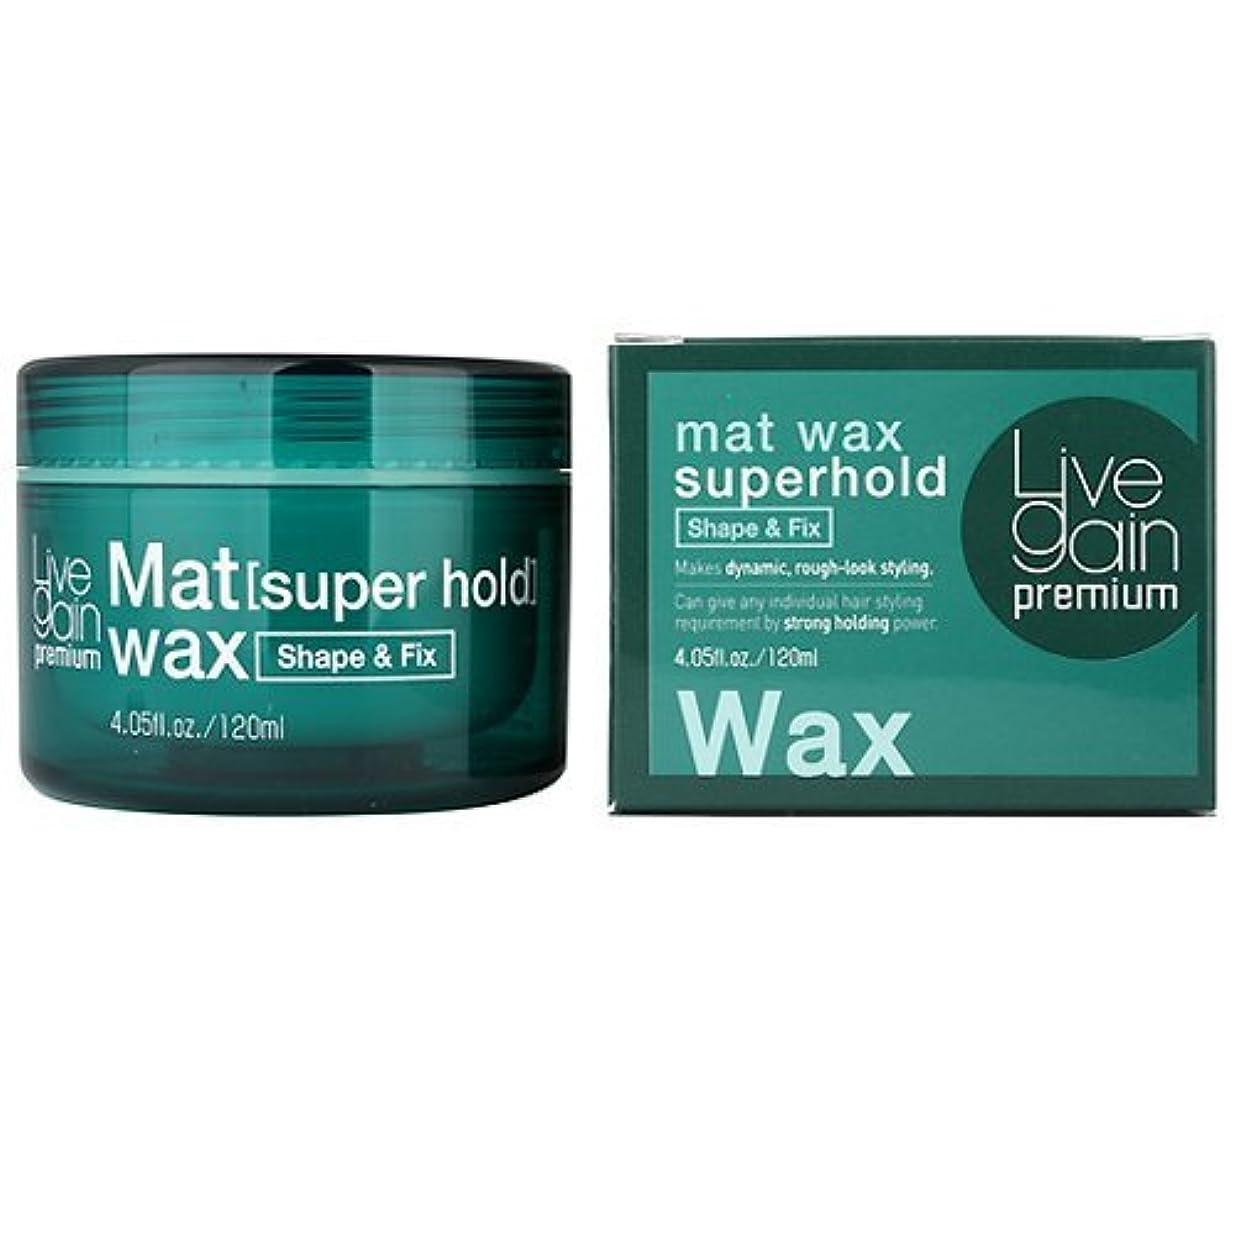 珍しいエレクトロニック姉妹Livegain プレミアム マット ワックス スーパーホールド 120ml マット ヘア ワックス ストロング ホールド (Premium Mat Wax Superhold 120ml Matte Hair wax Strong Hold ) [並行輸入品]